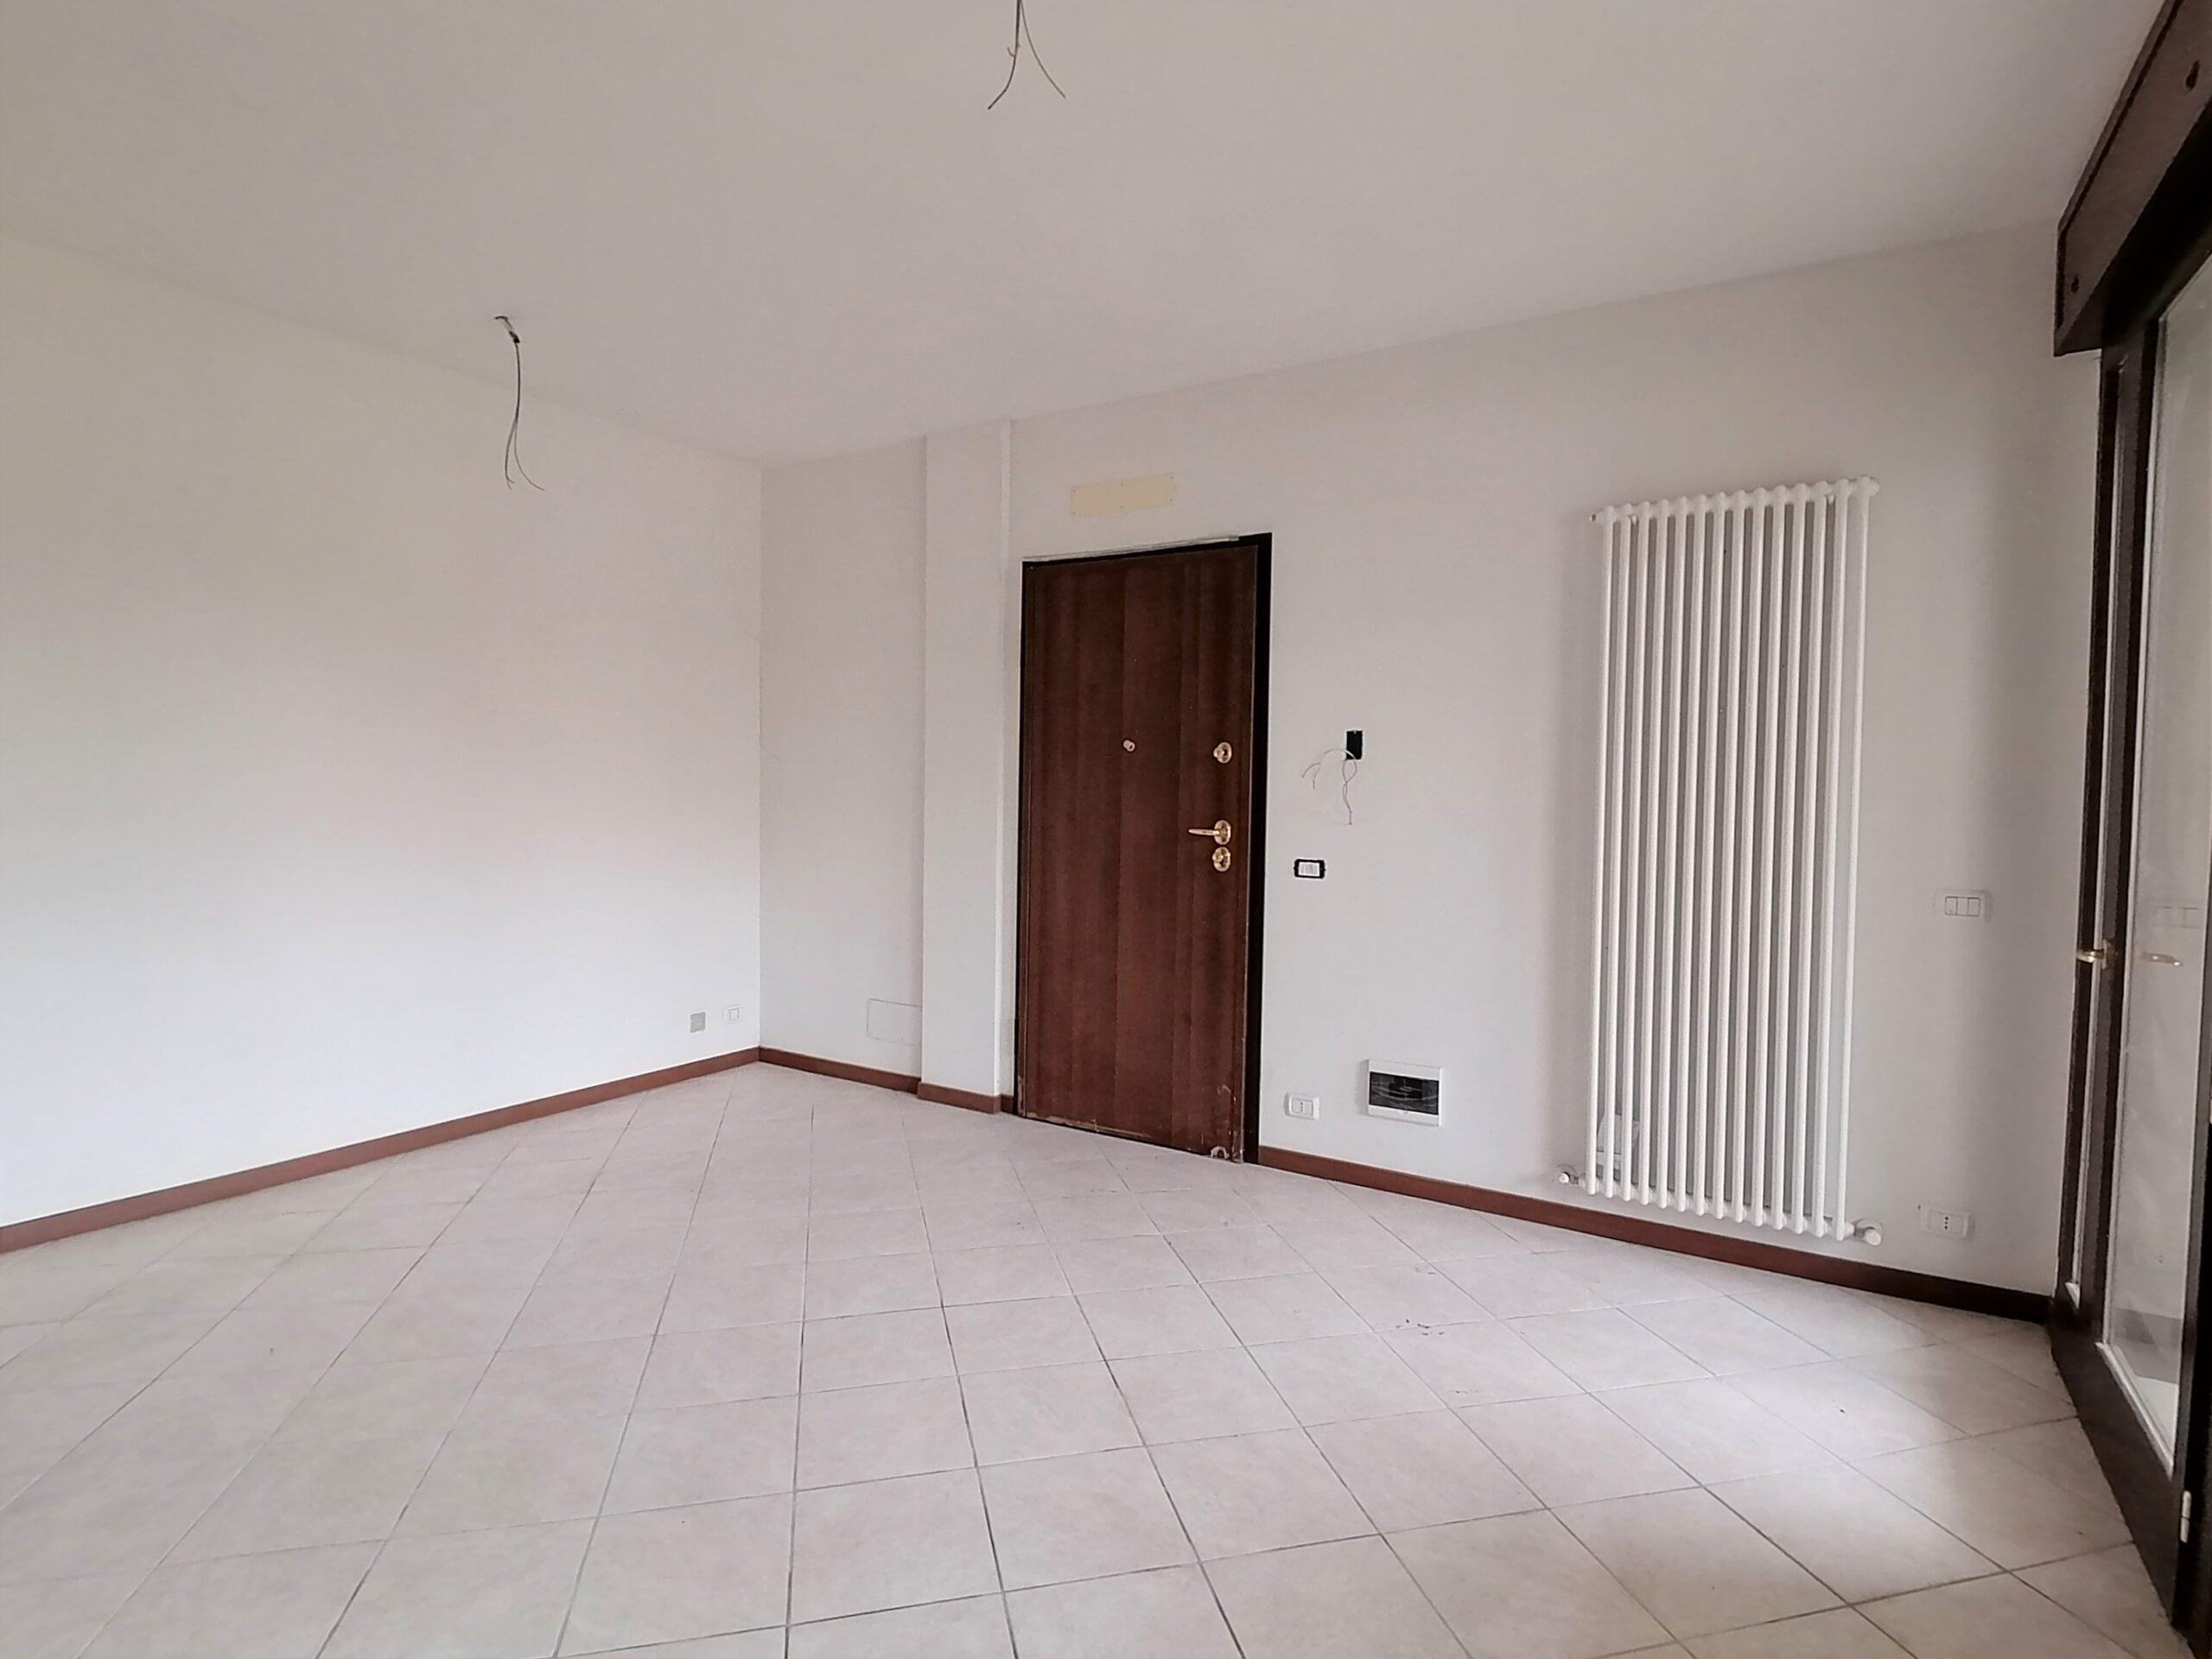 Casa in Vendita - Castel Maggiore (BO) Piazza Pier Francesco Lorusso, 6